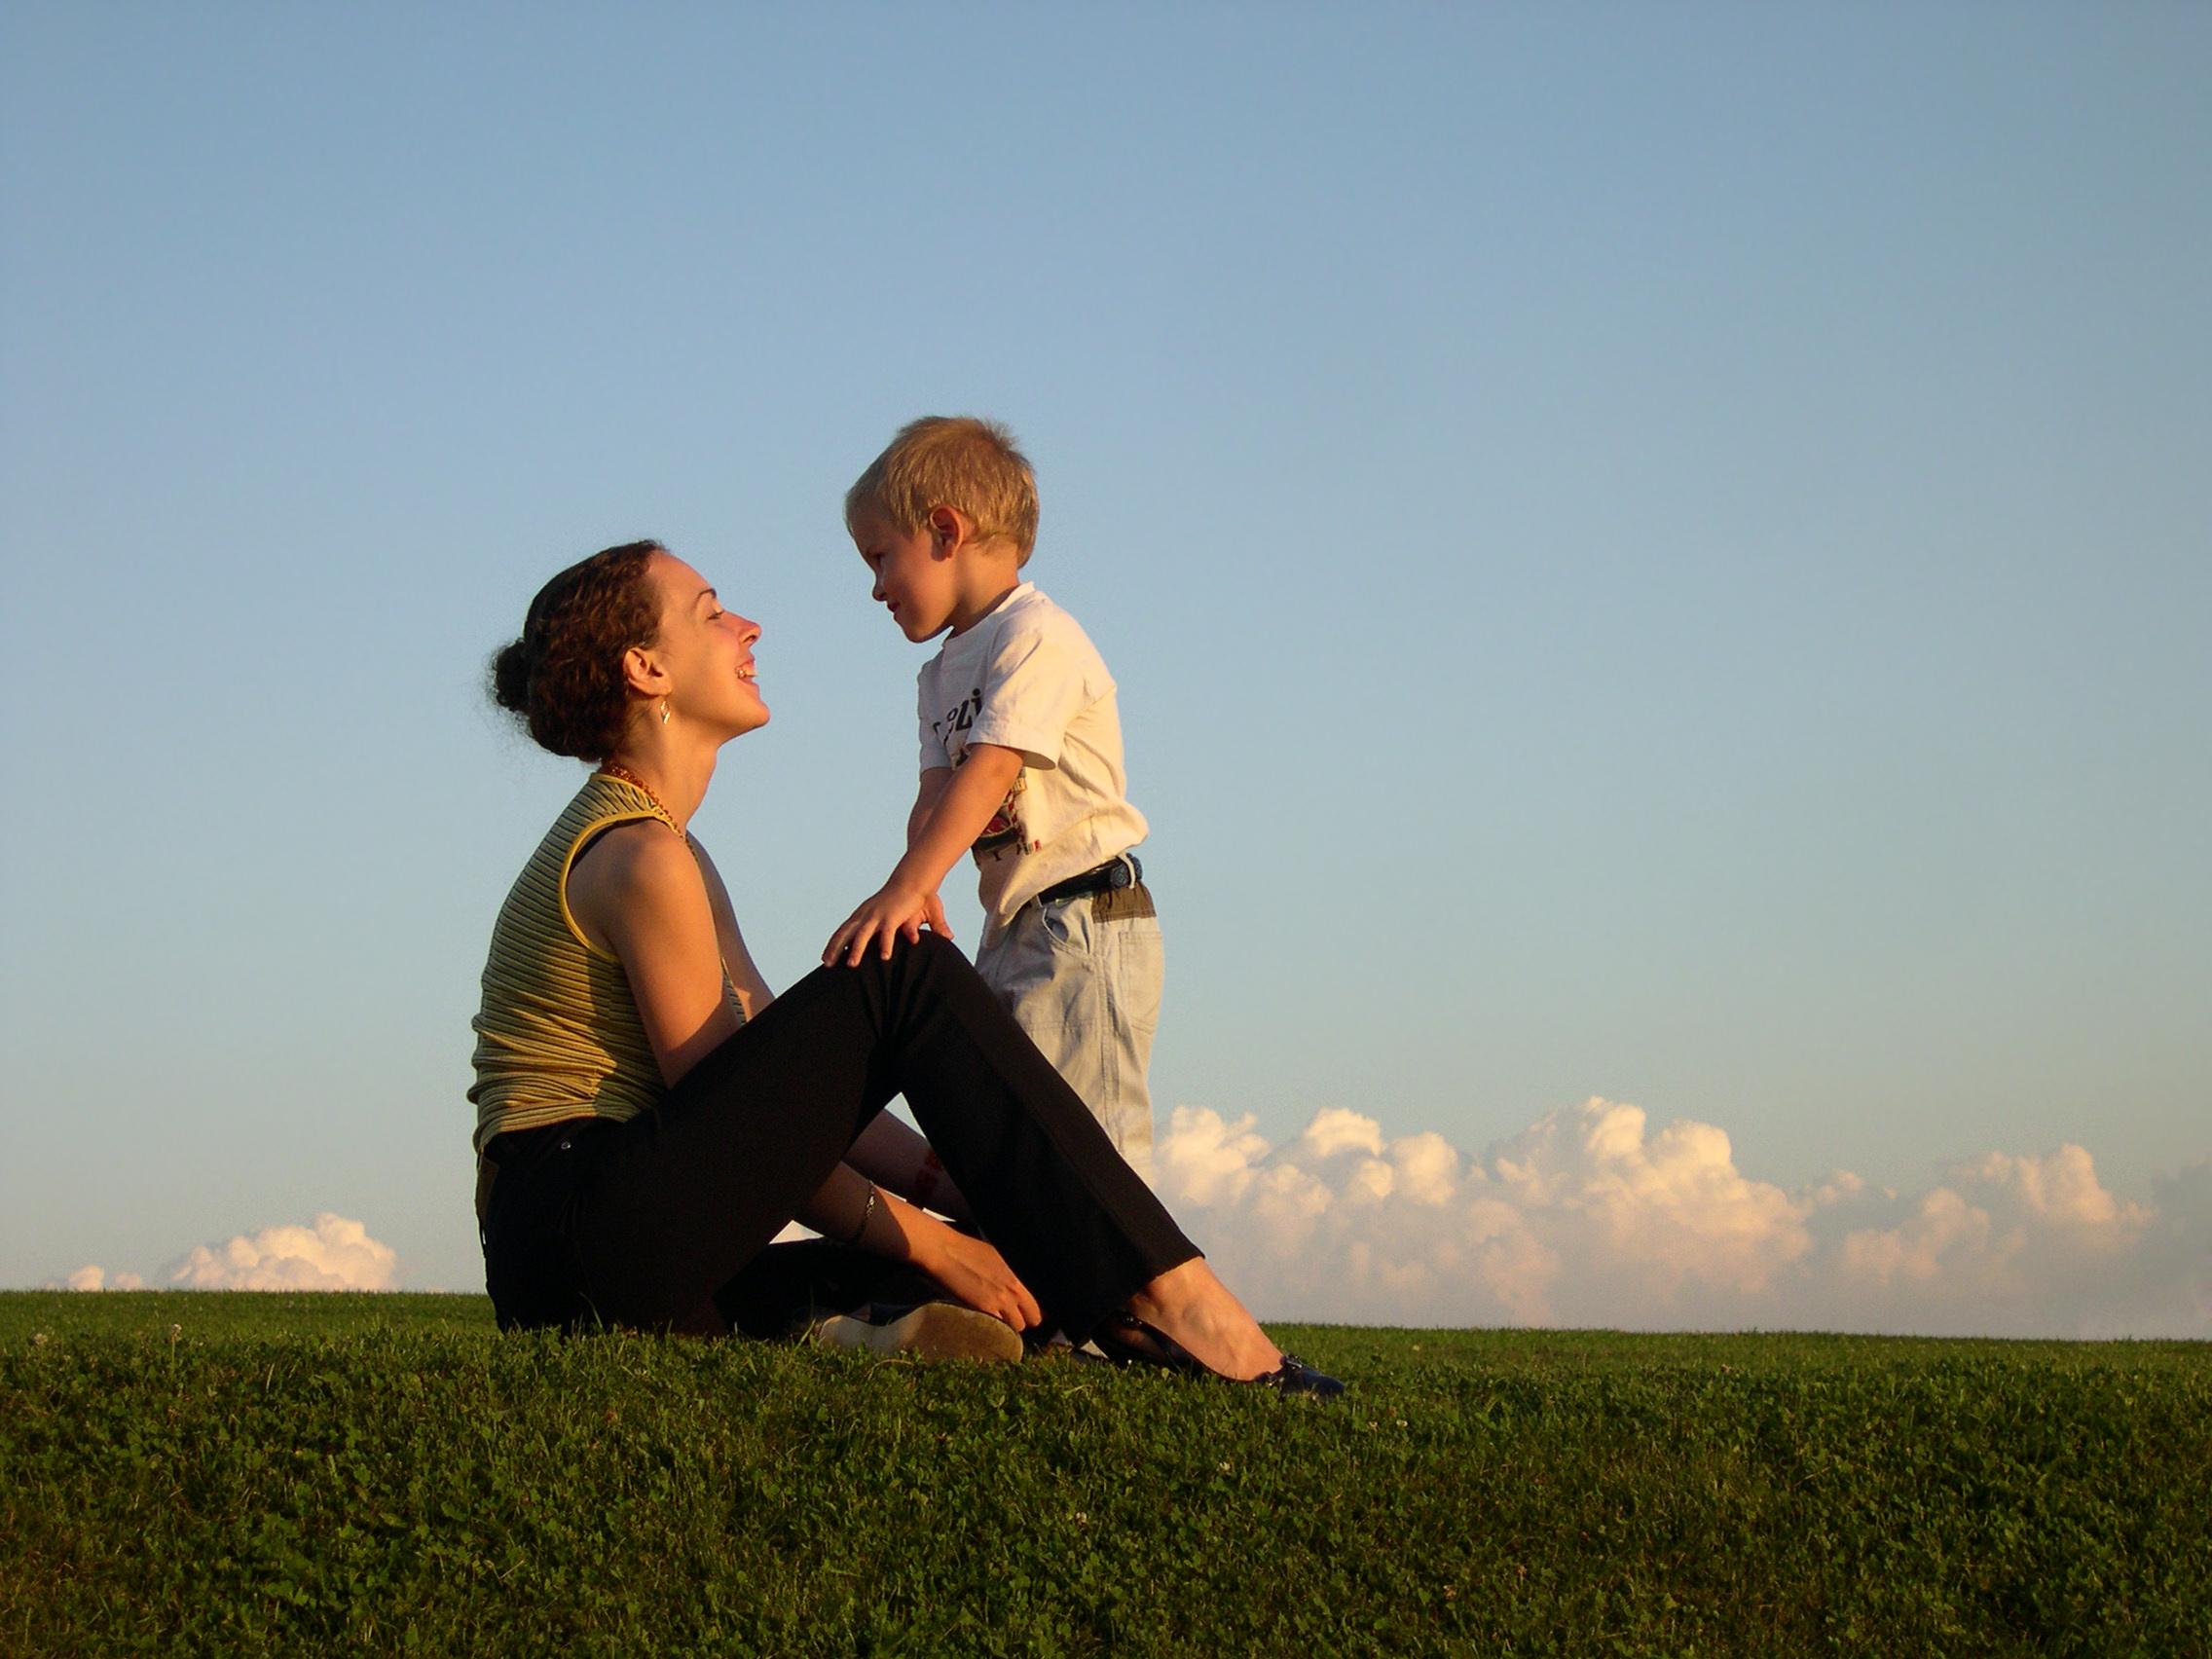 Фото син трахає мать 1 фотография